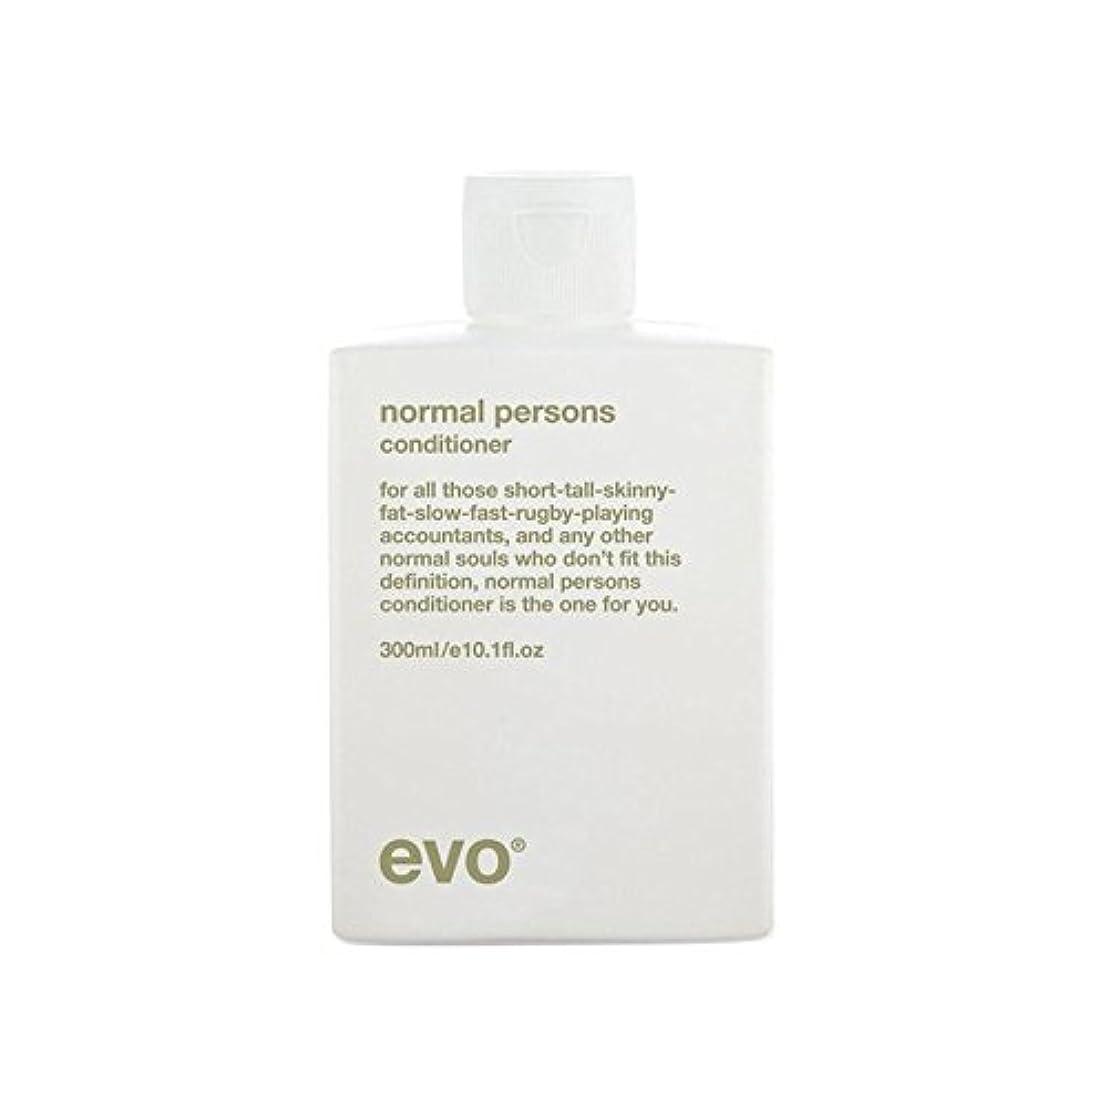 経験的酸群れエボ正常人コンディショナー(300ミリリットル) x2 - Evo Normal Persons Conditioner (300ml) (Pack of 2) [並行輸入品]